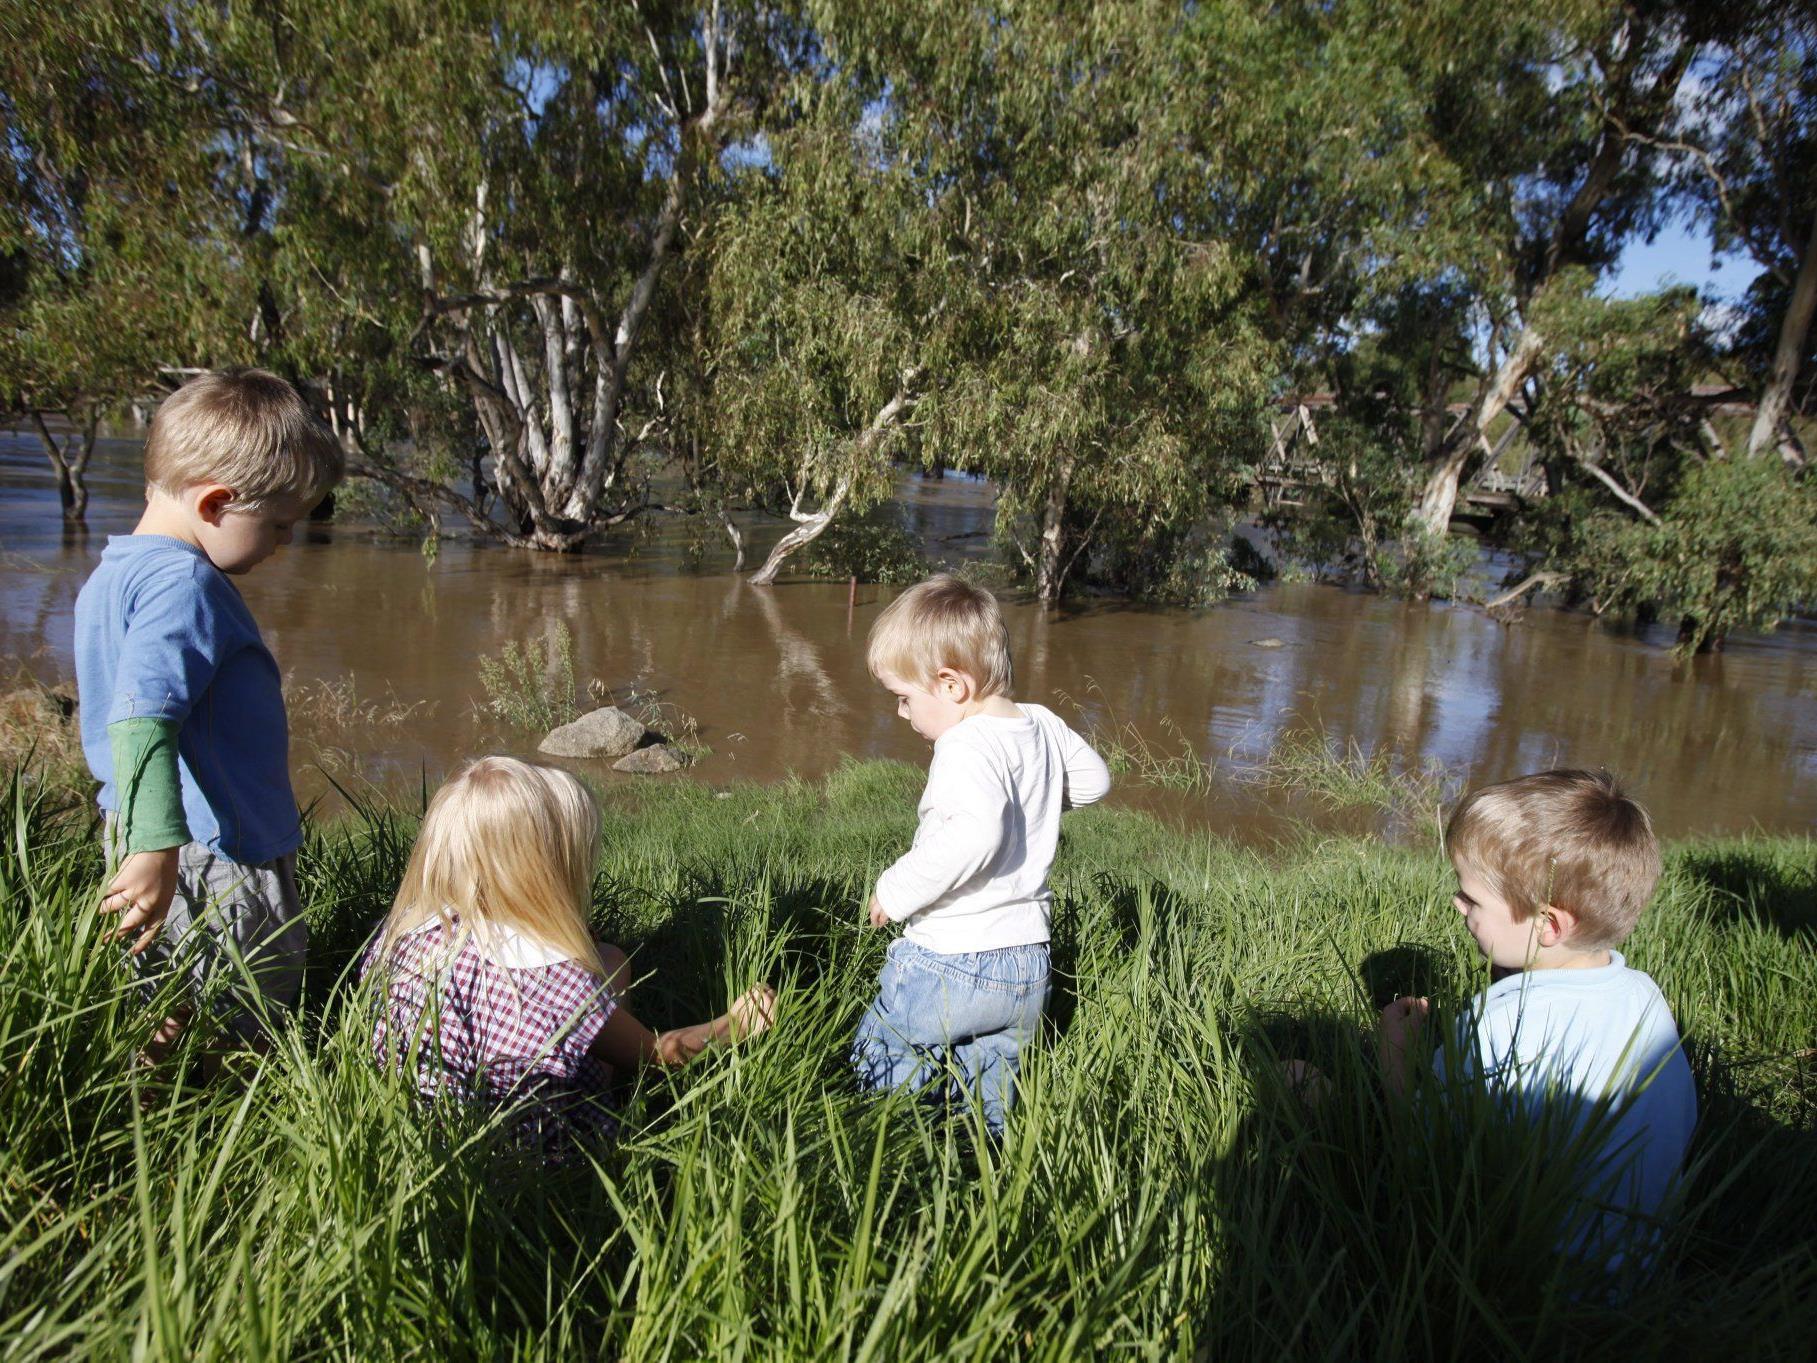 Rühreier aus Pflanzen, Joghurt von Bäumen und Nudlen aus Tieren - australische Kinder haben eine Bildungslücke.